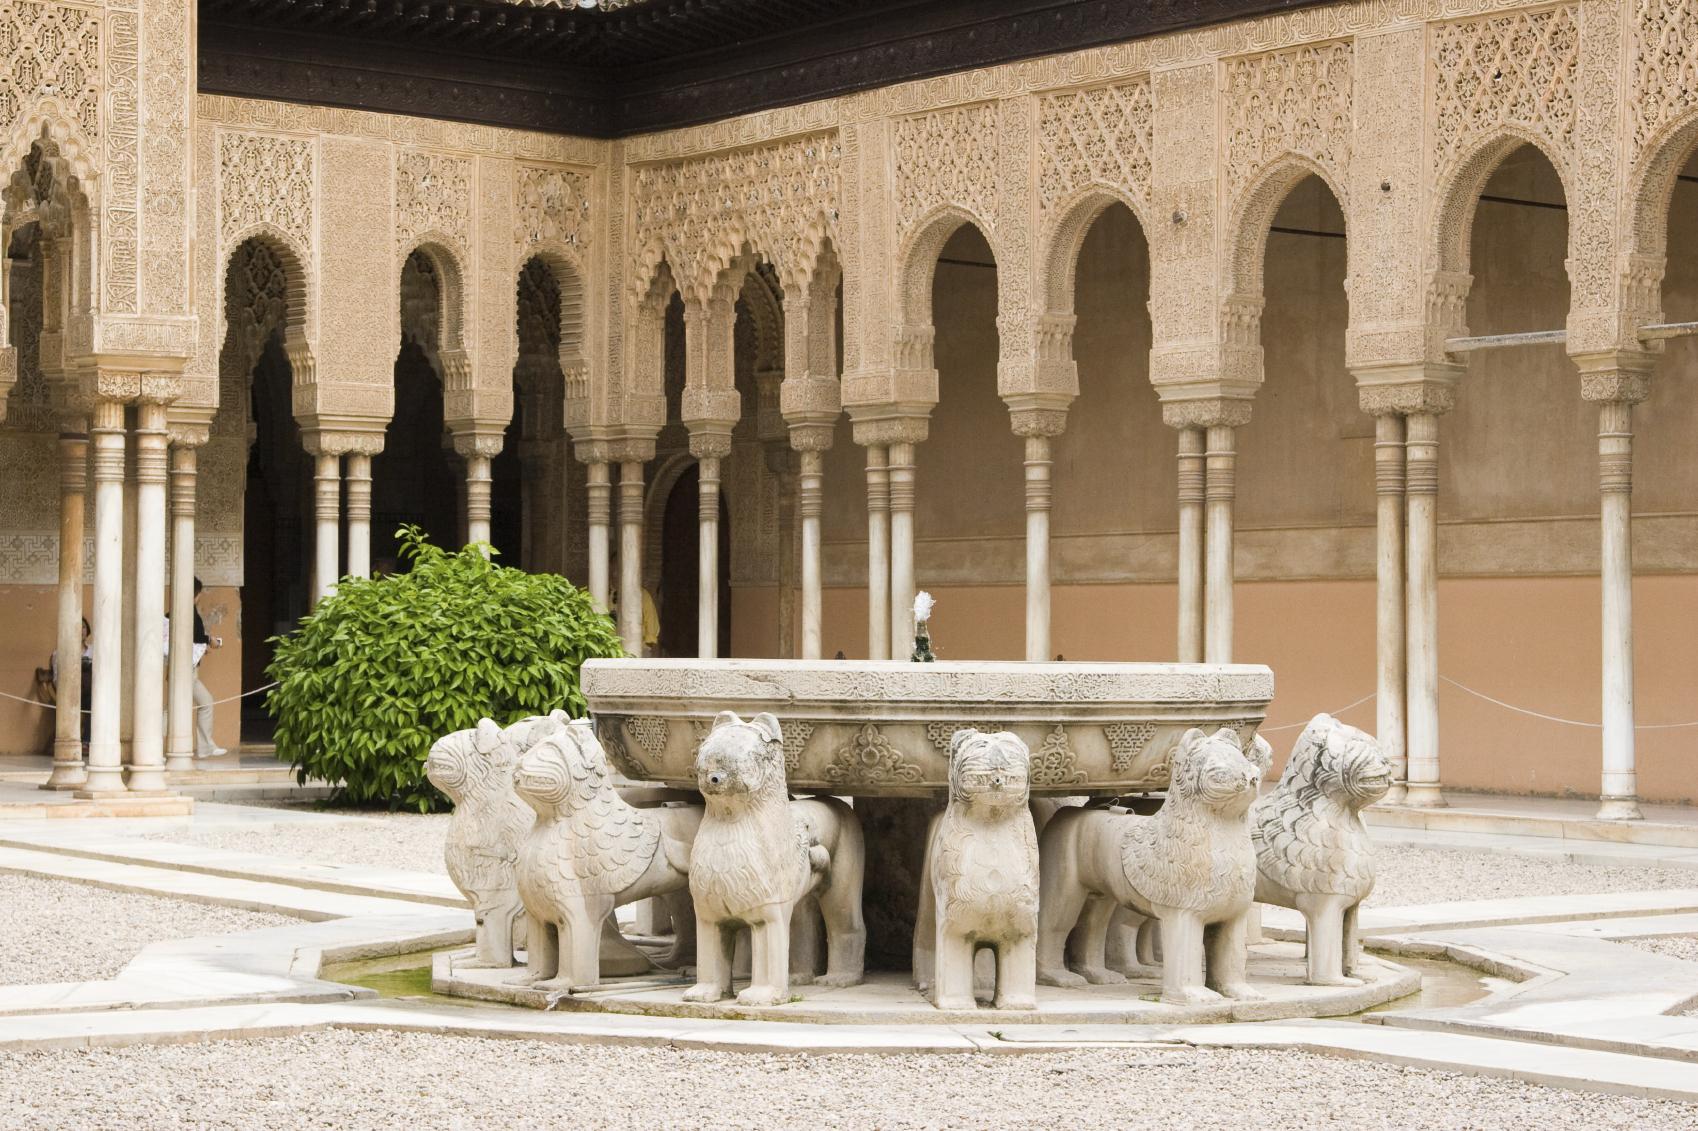 Granada, patio de los leones